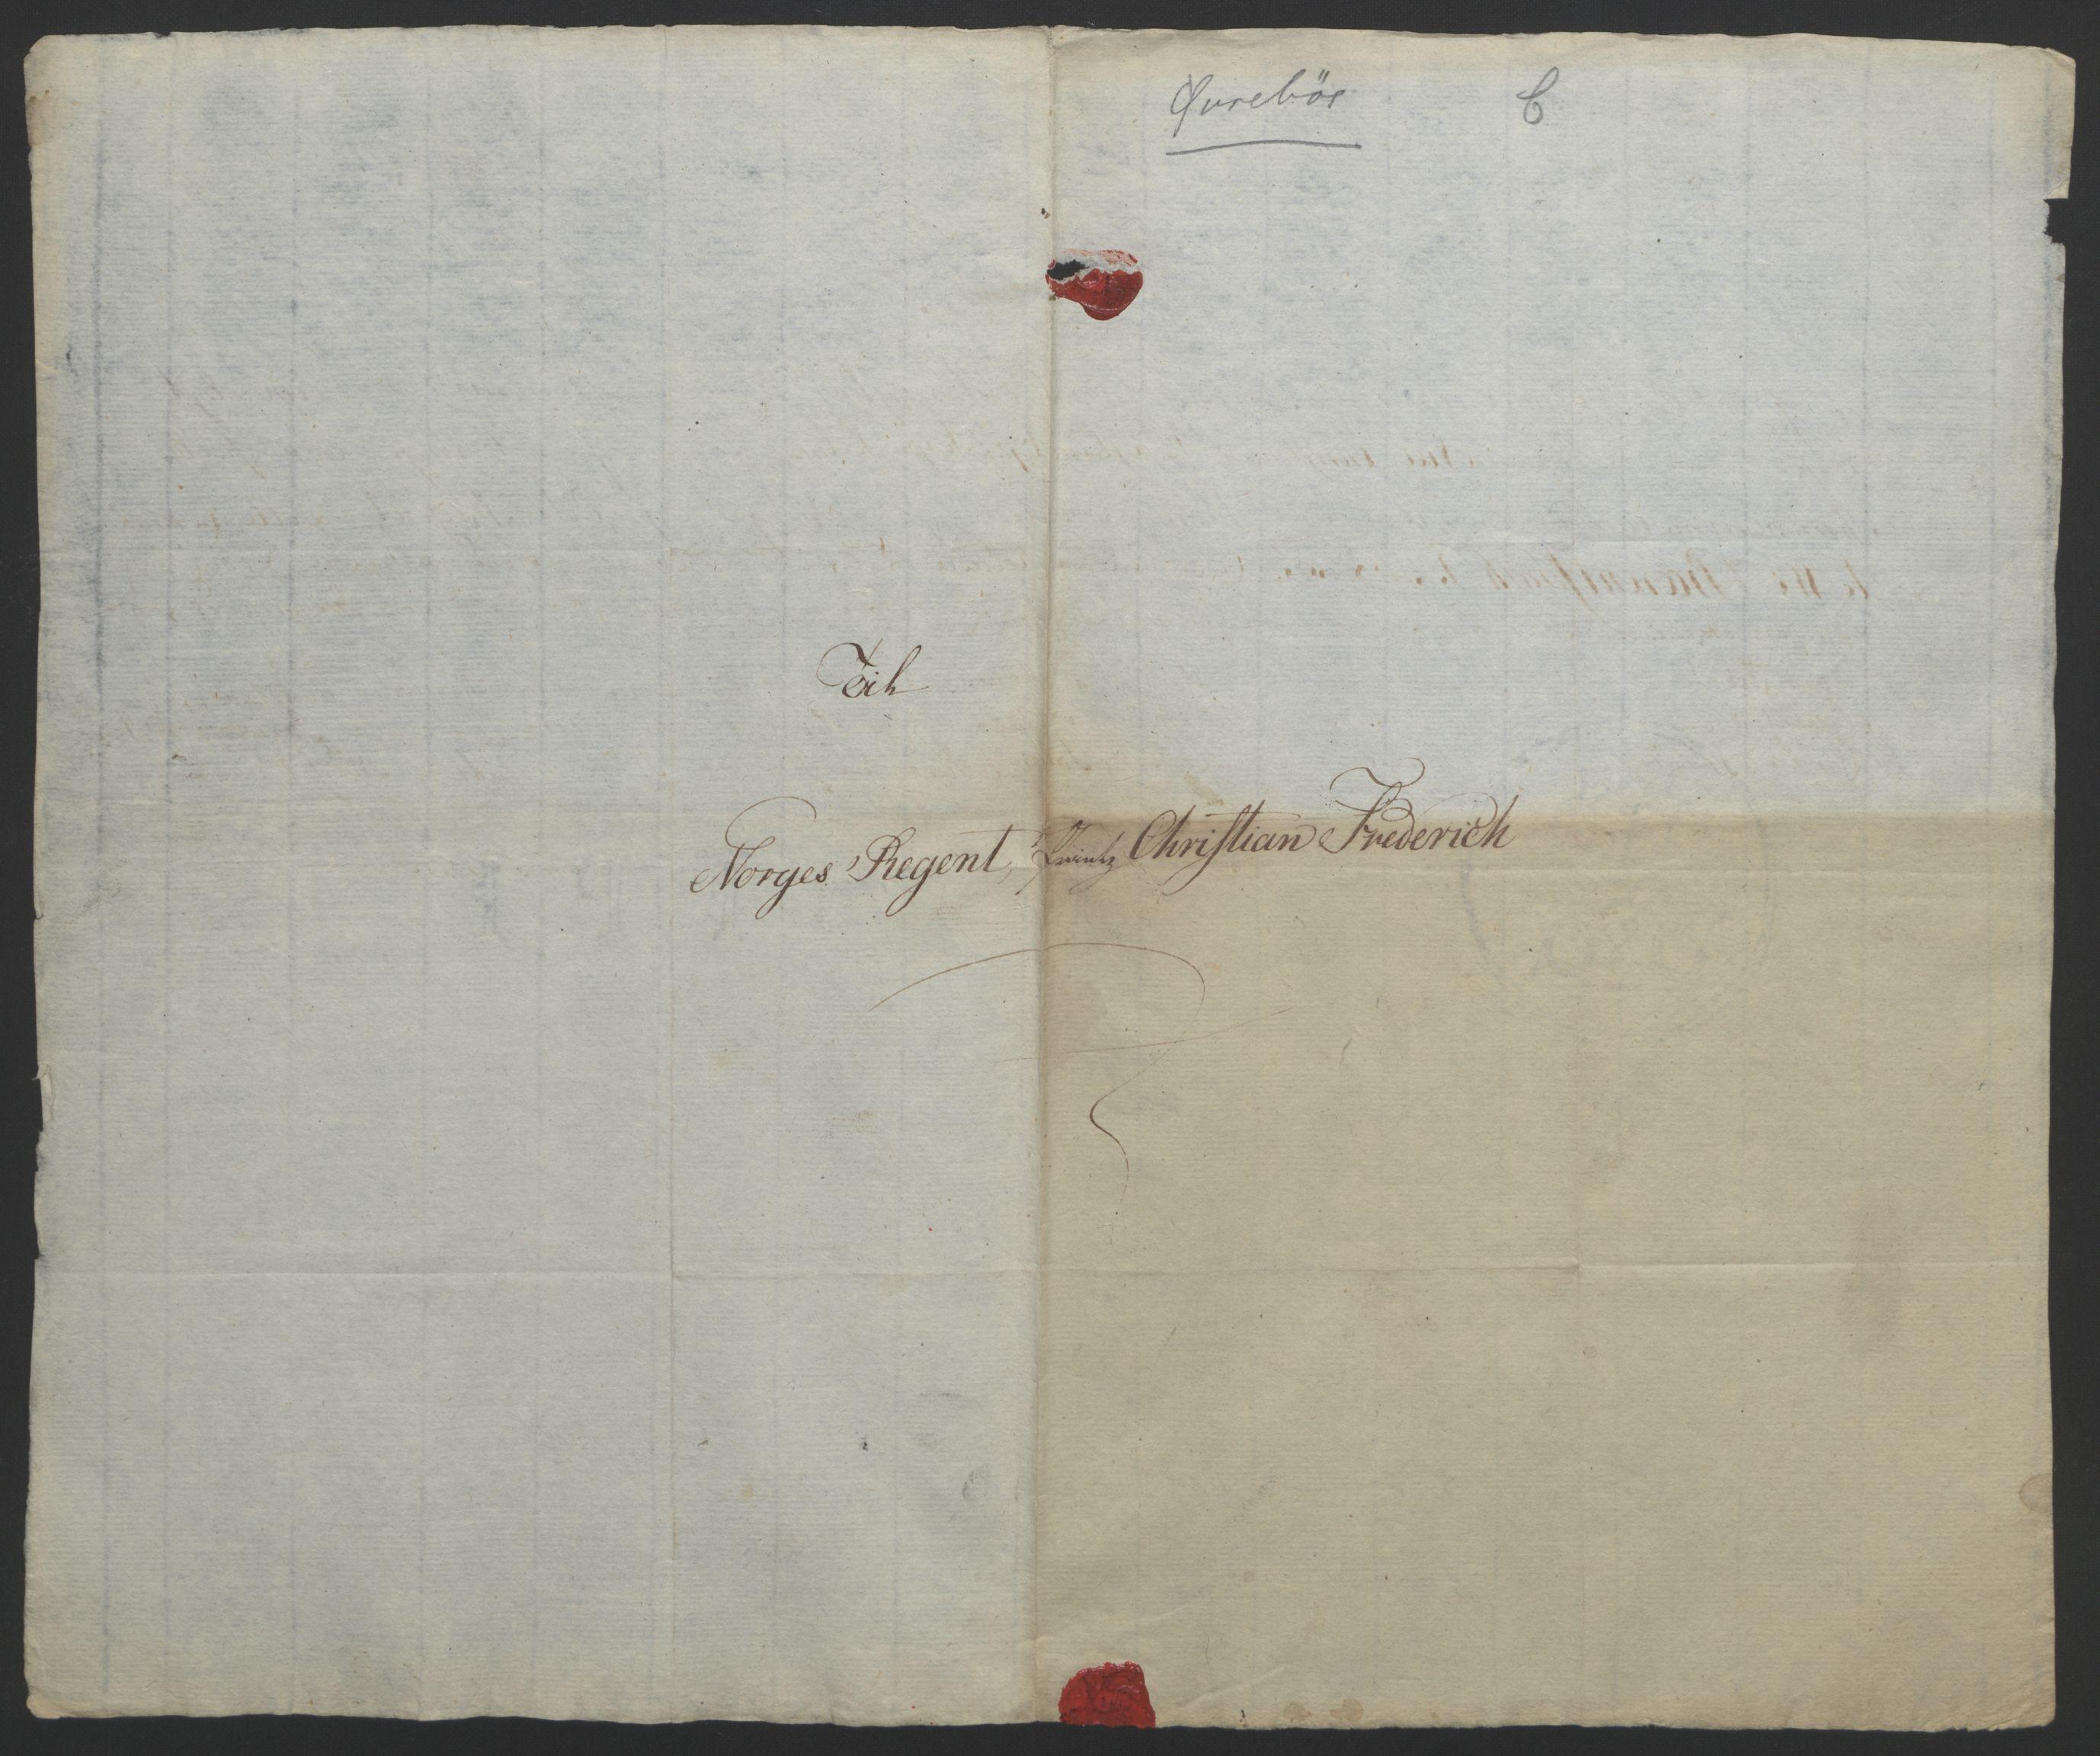 RA, Statsrådssekretariatet, D/Db/L0008: Fullmakter for Eidsvollsrepresentantene i 1814. , 1814, s. 144